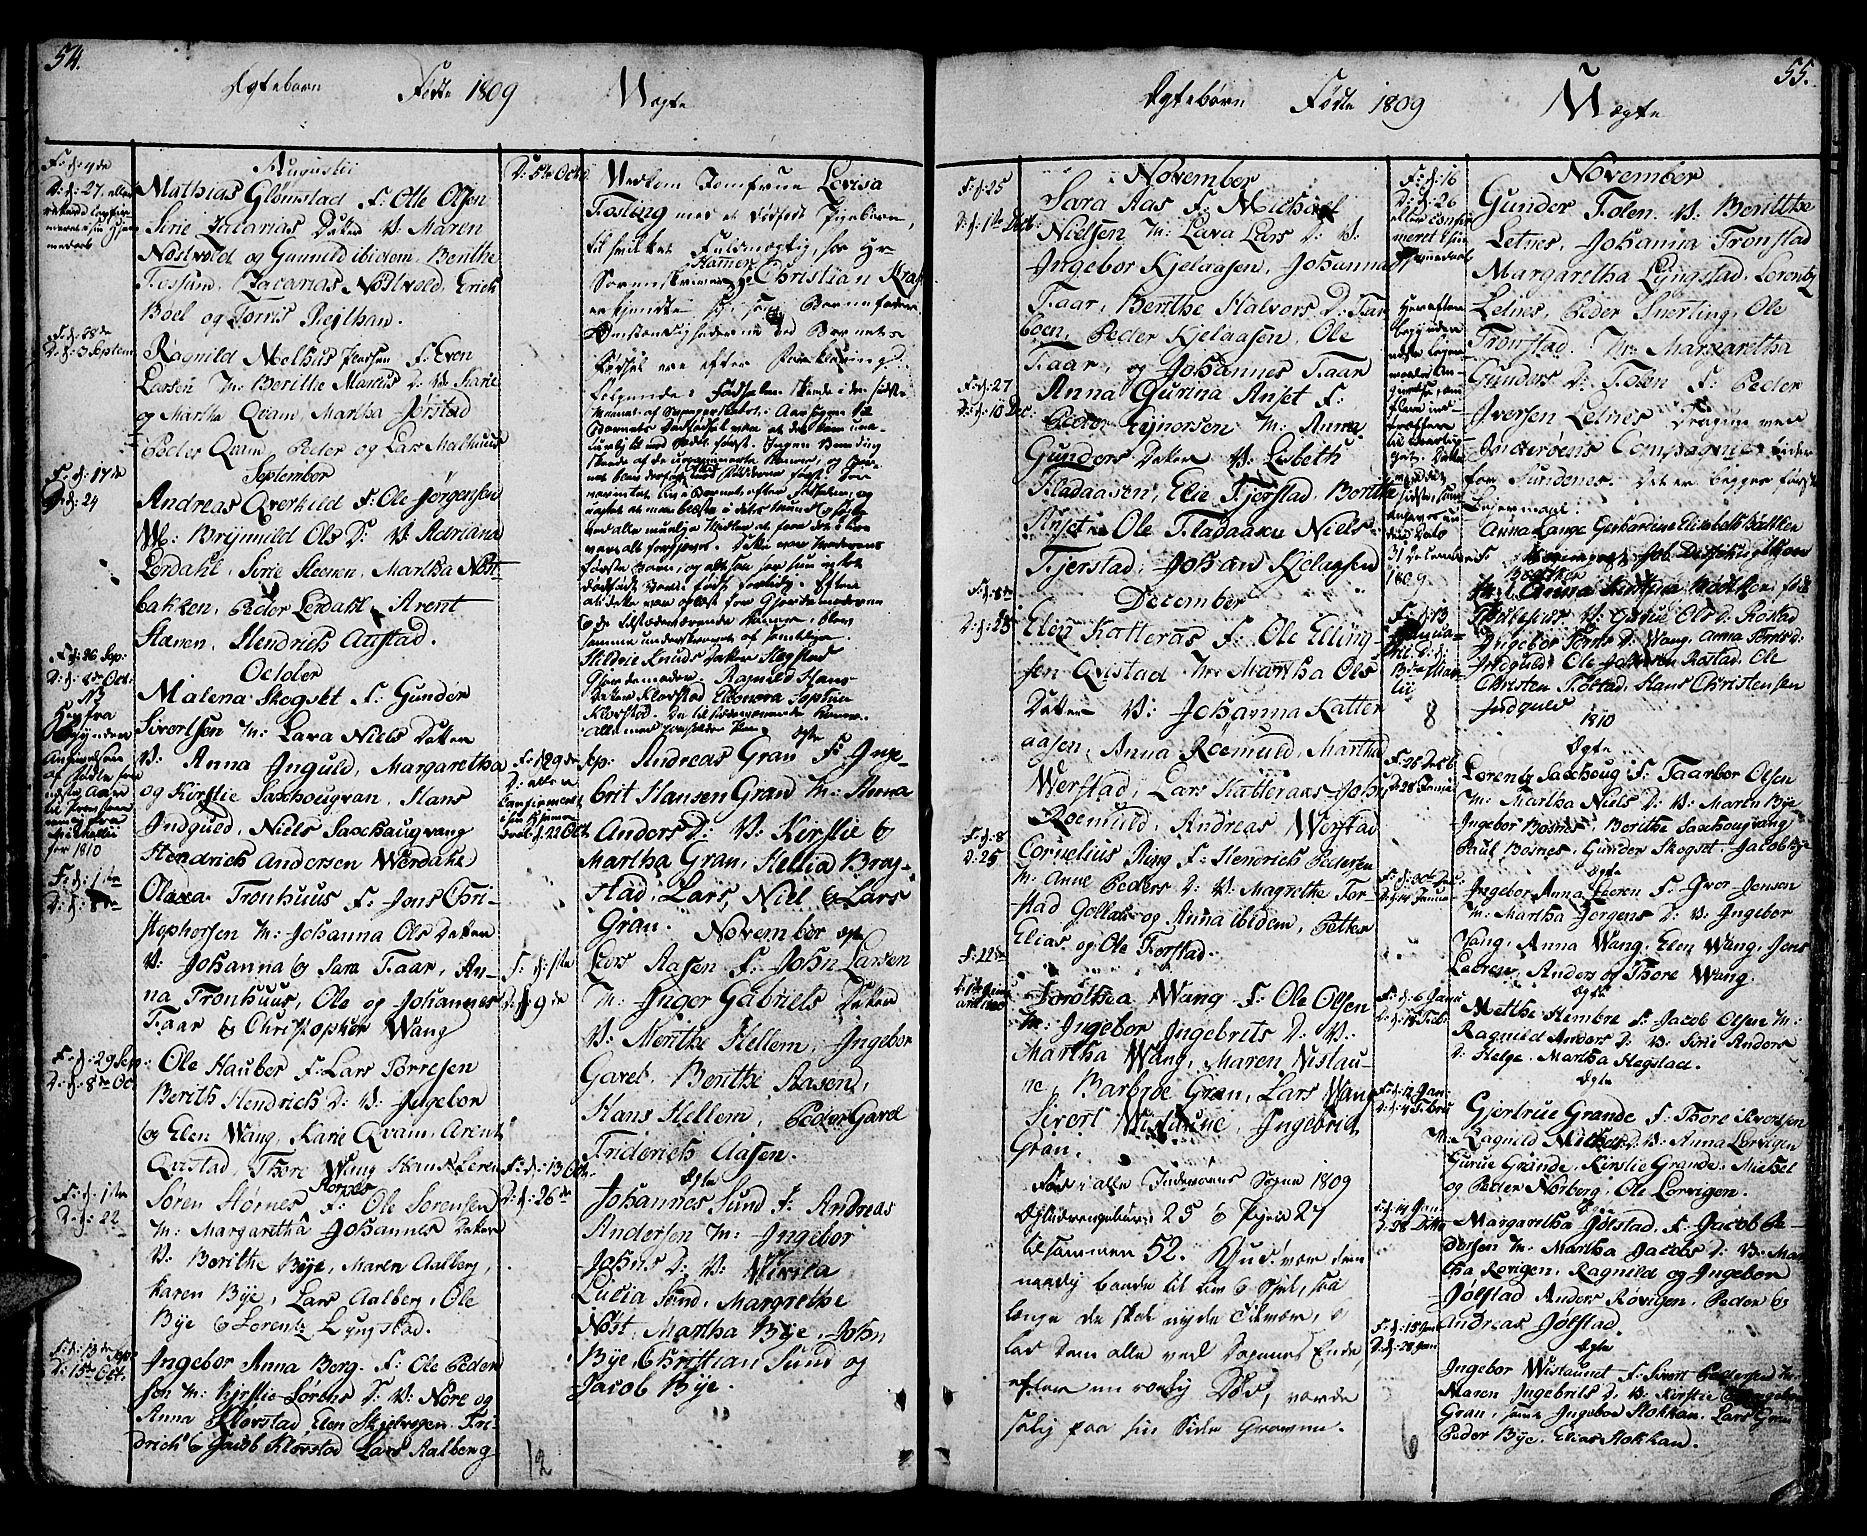 SAT, Ministerialprotokoller, klokkerbøker og fødselsregistre - Nord-Trøndelag, 730/L0274: Ministerialbok nr. 730A03, 1802-1816, s. 54-55